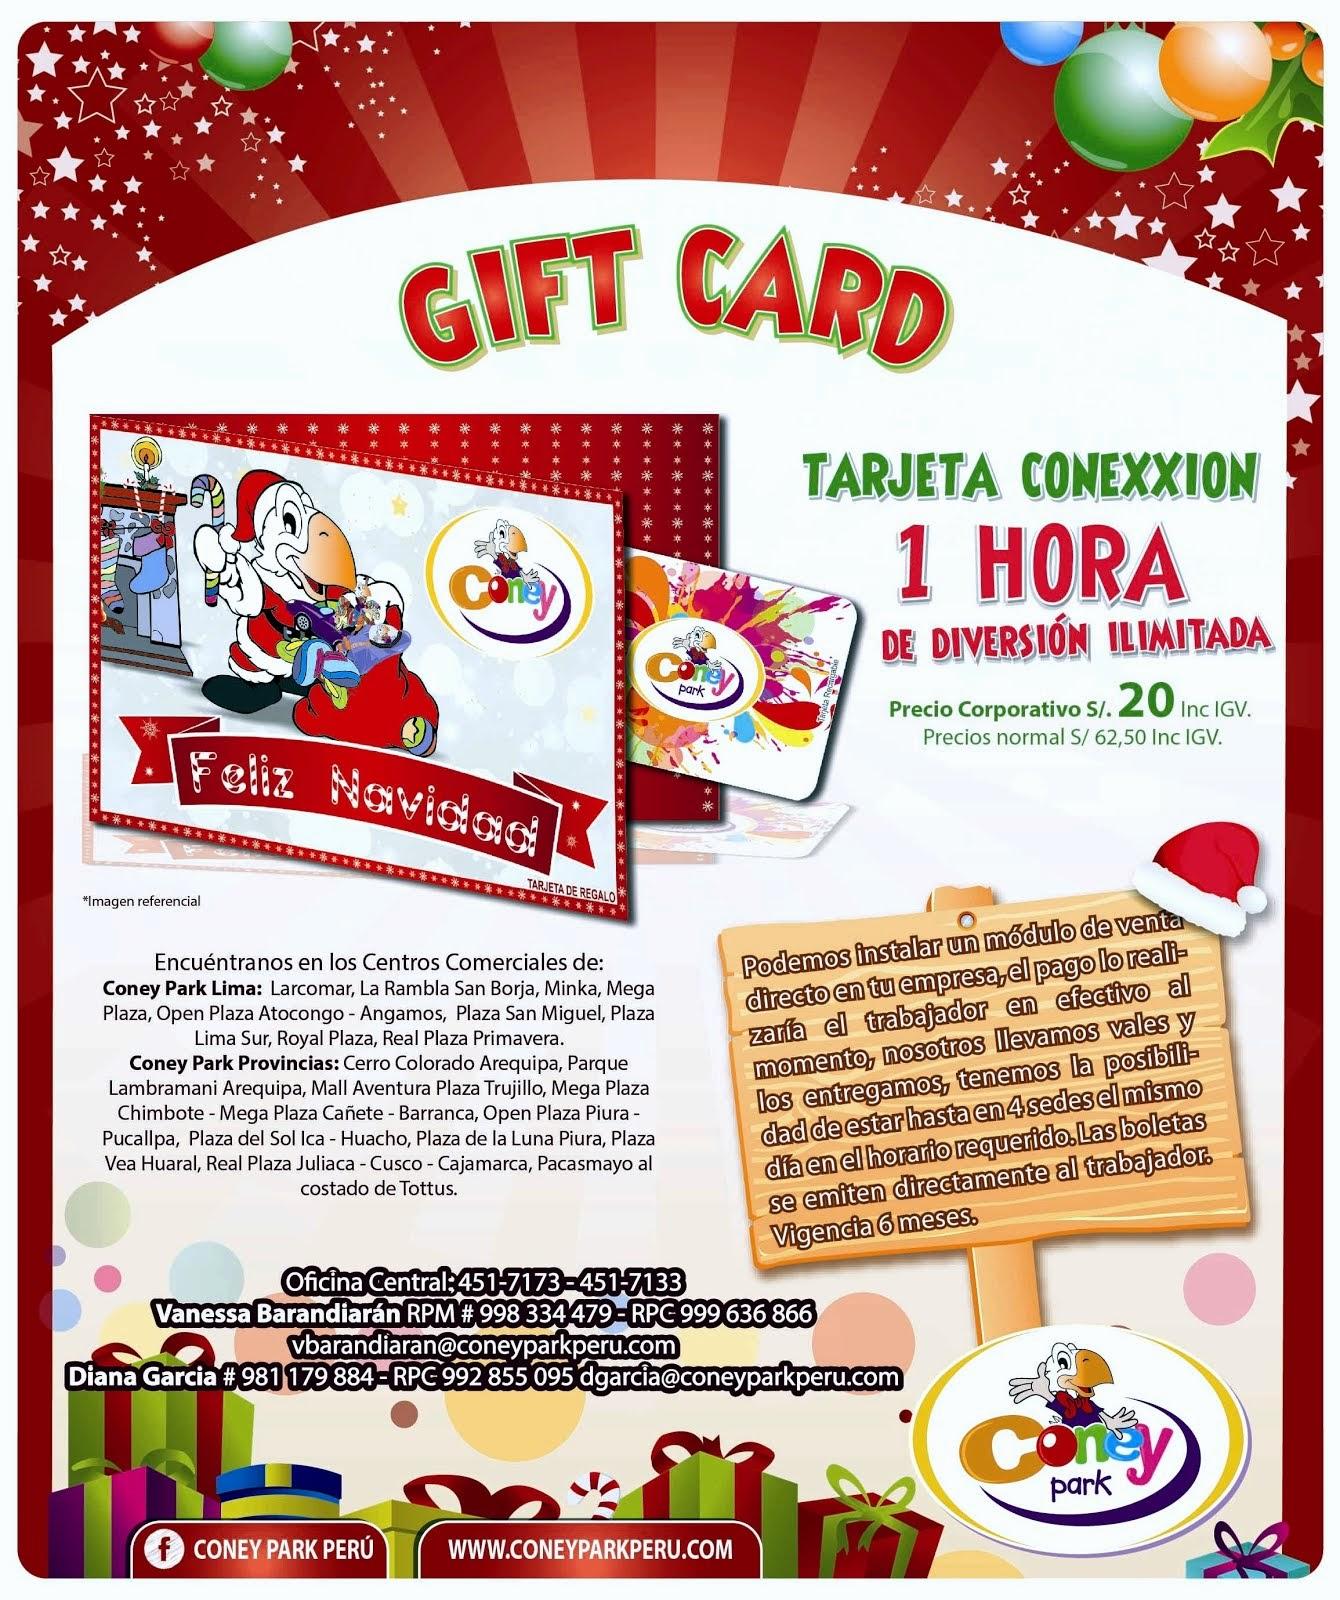 GIFT CARD - 1 HORA DE DIVERSIÓN ILIMITADA - CONEY PARK PERÚ